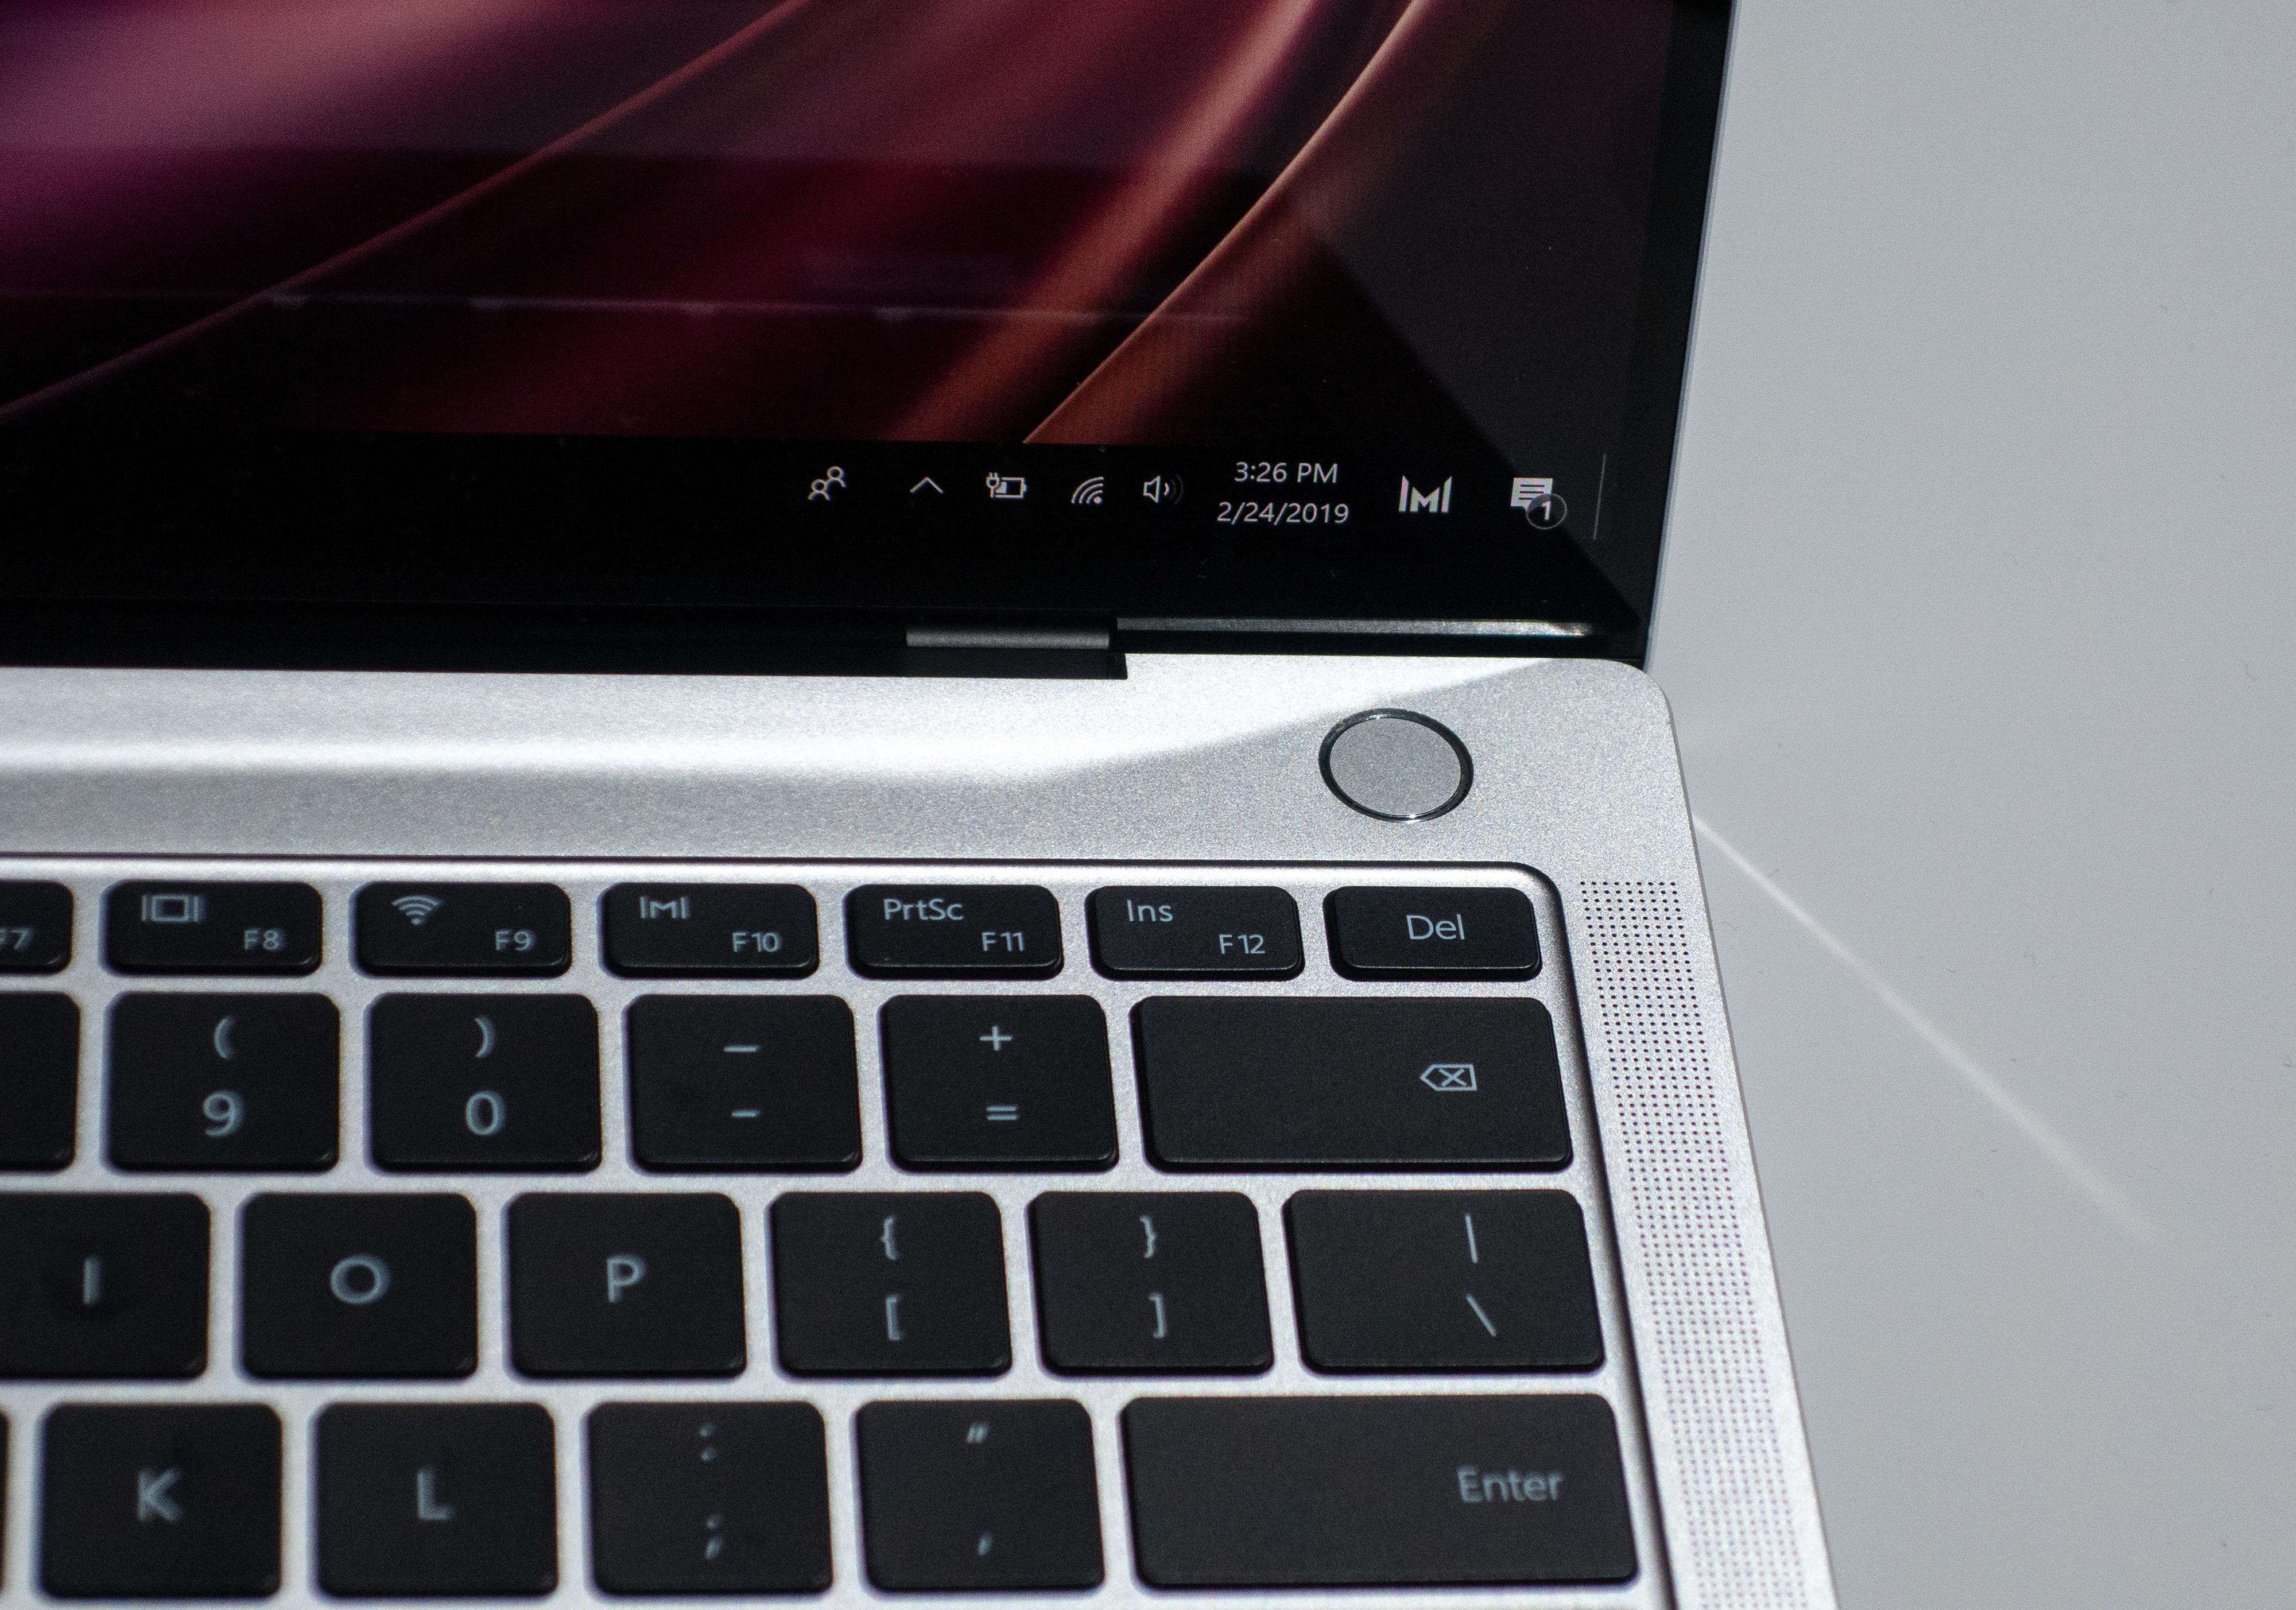 På-knappen har innebygget fingerleser, som logger deg inn i det du slår på maskinen.